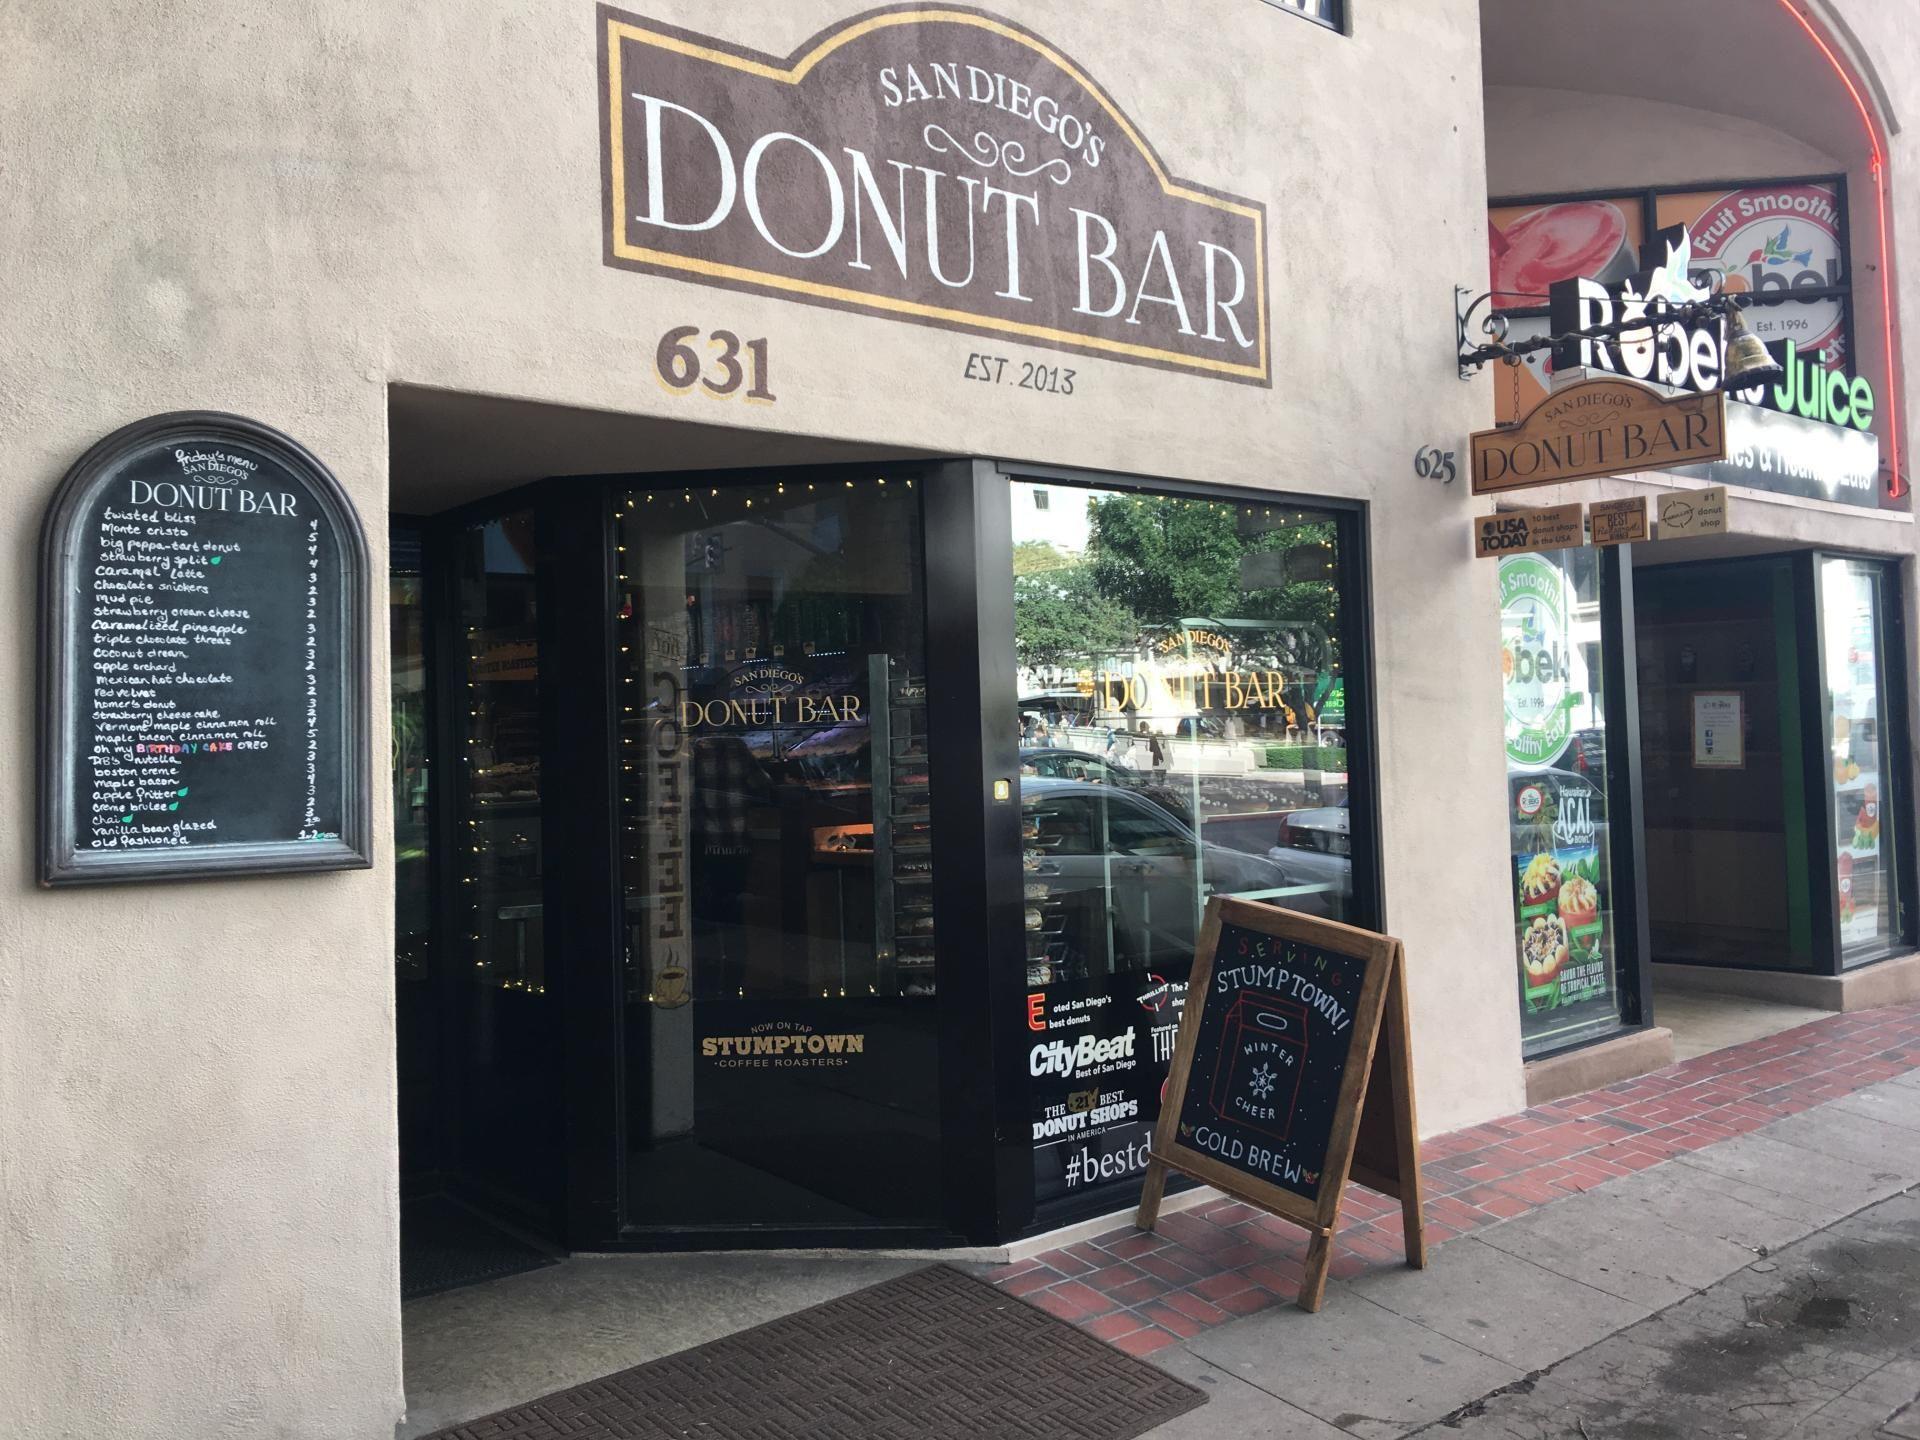 Donut bar san diego donut bar donut bar san diego san